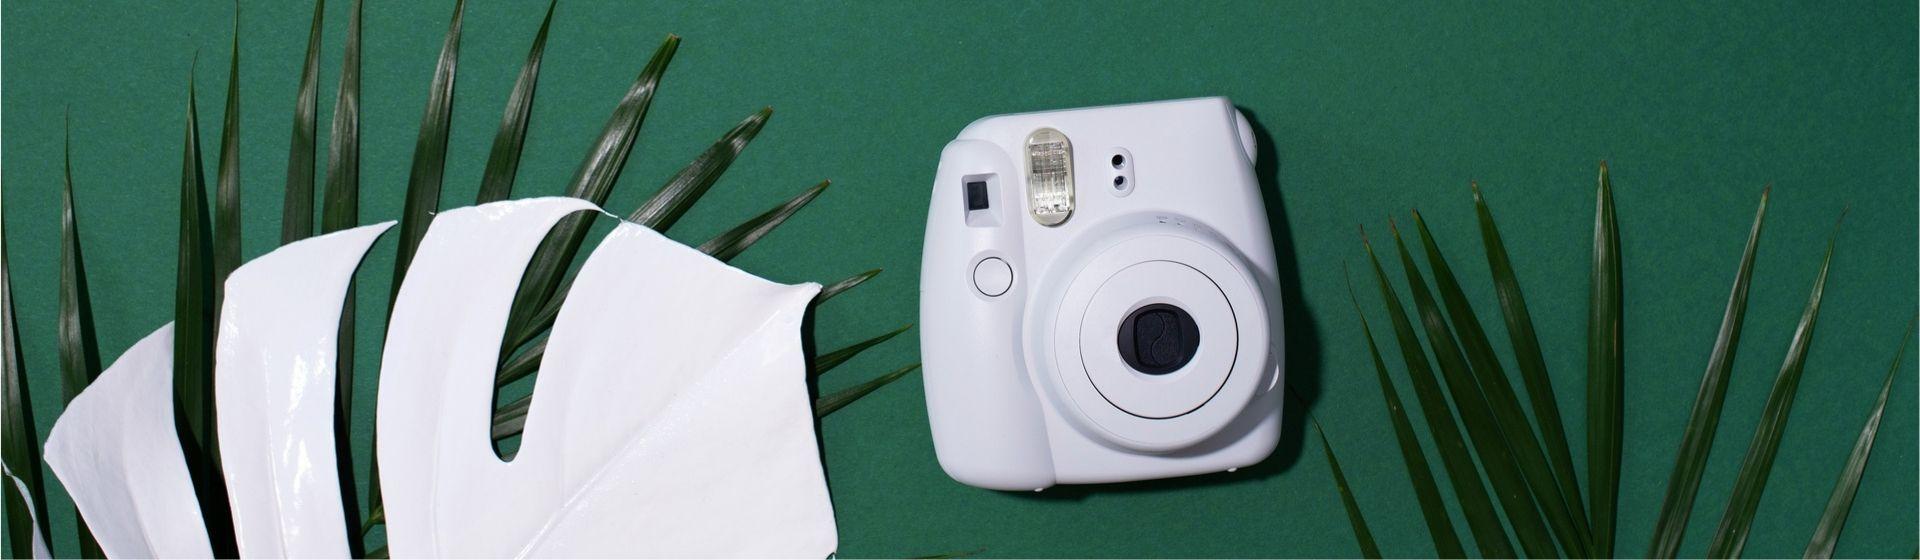 Instax: dicas de como tirar boas fotos e usar o modo selfie